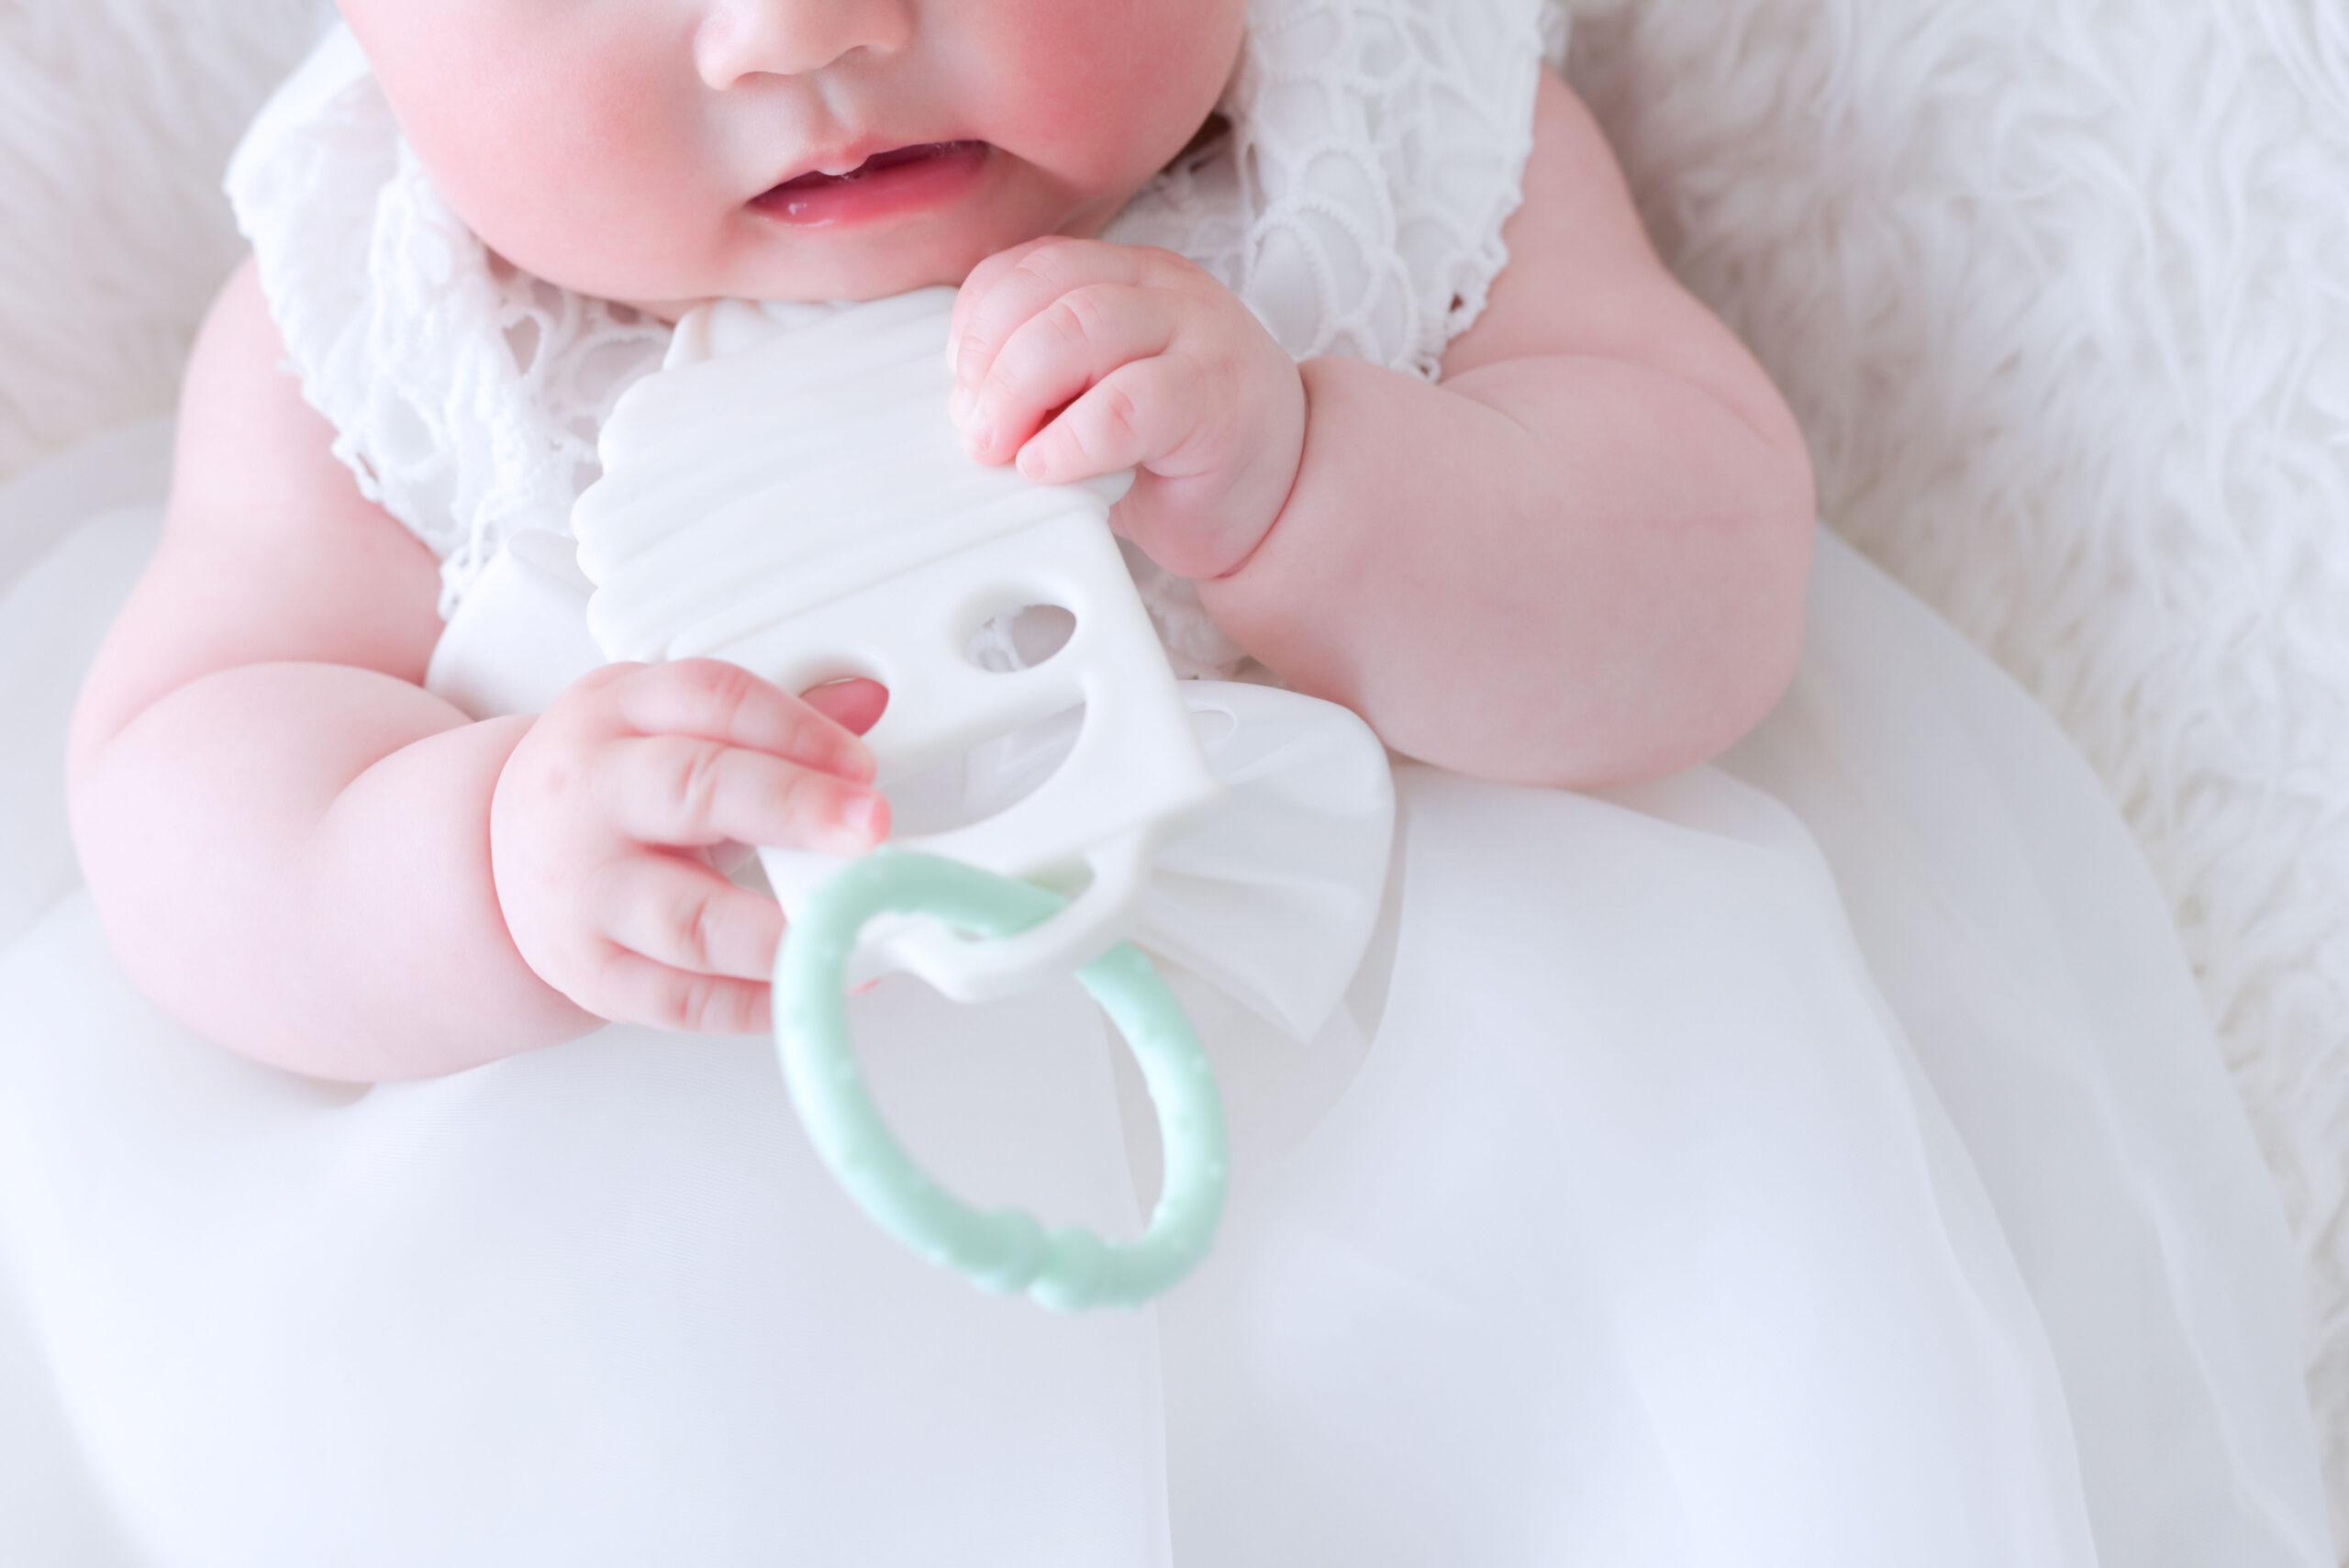 6ヶ月女の子写真 ハーフバースディ記念写真 噛み噛みしたいお年頃 そろそろ歯が生えてくる むちむちしていて可愛い